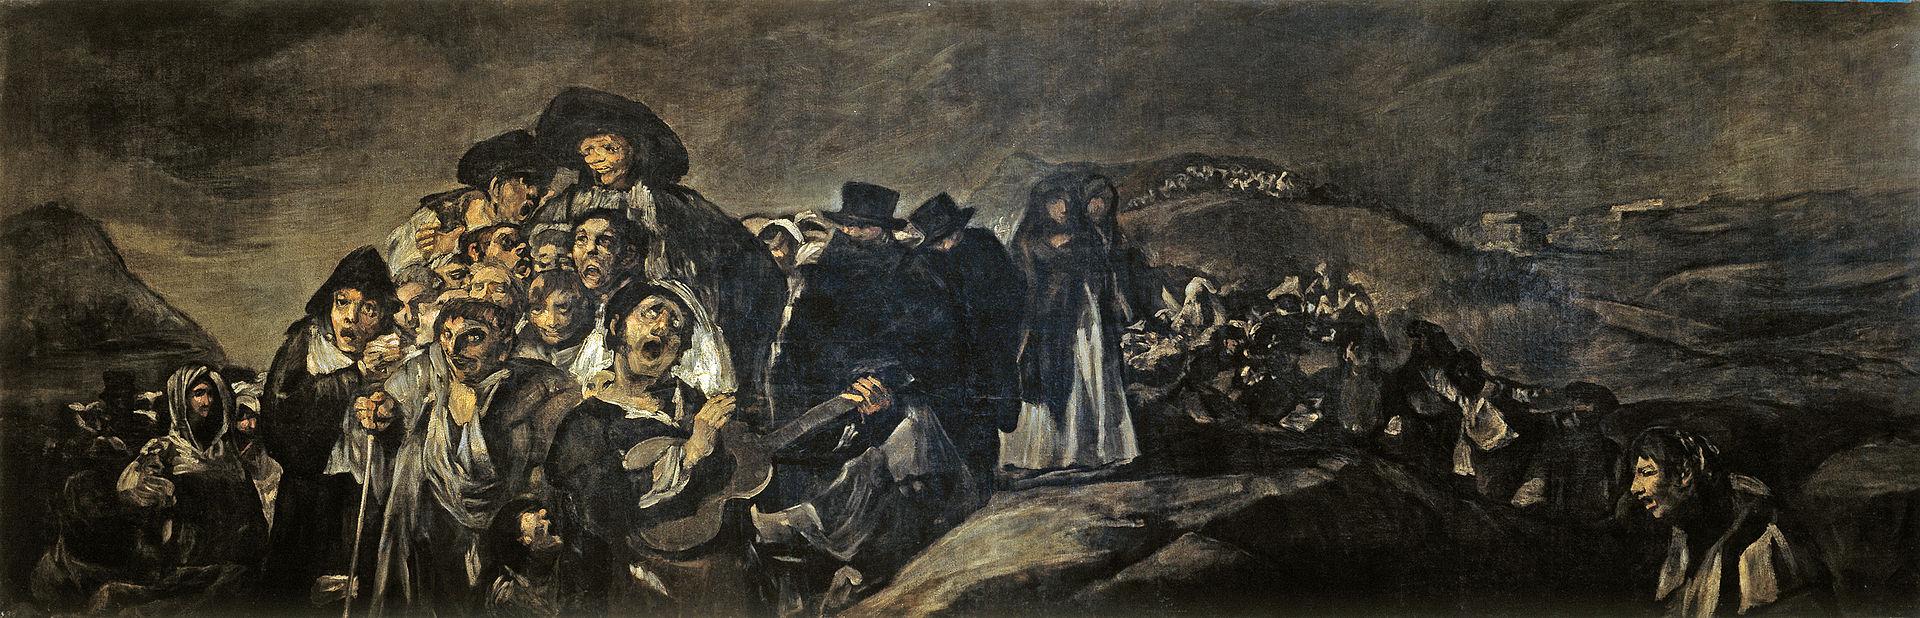 Goya: La romería de San Isidro